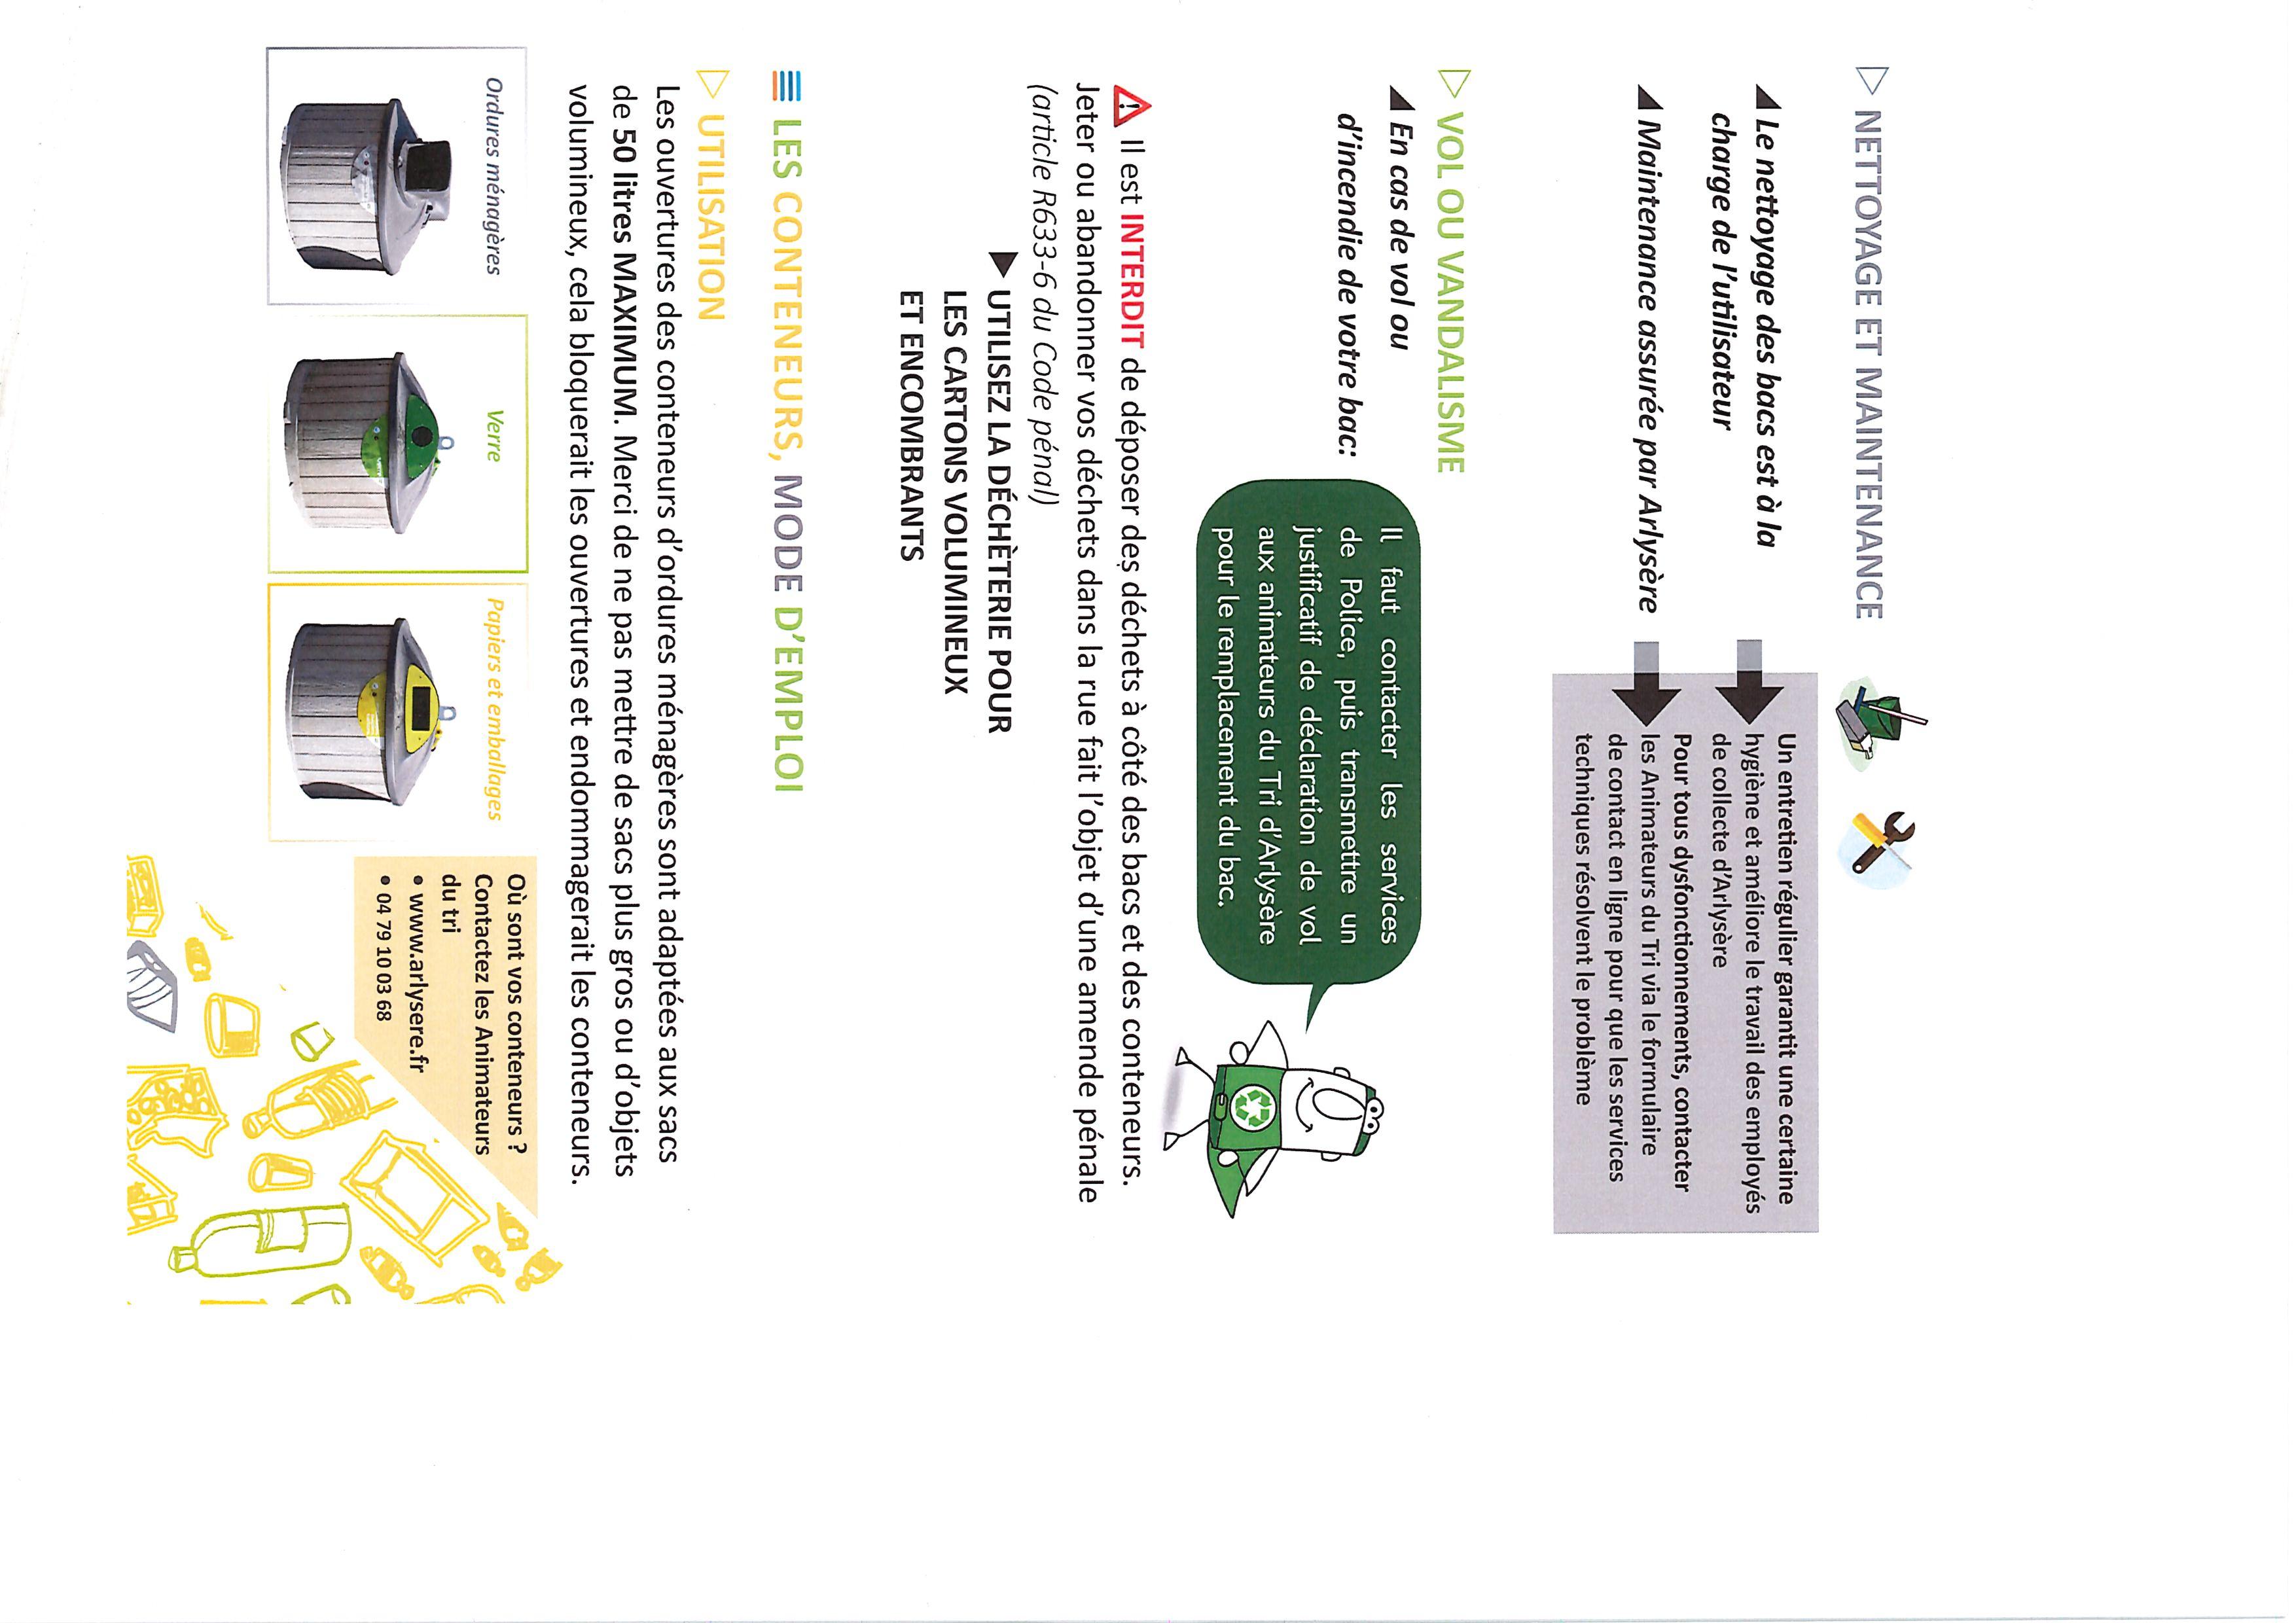 Mode d_emploi bacs et conteneurs 2.jpg